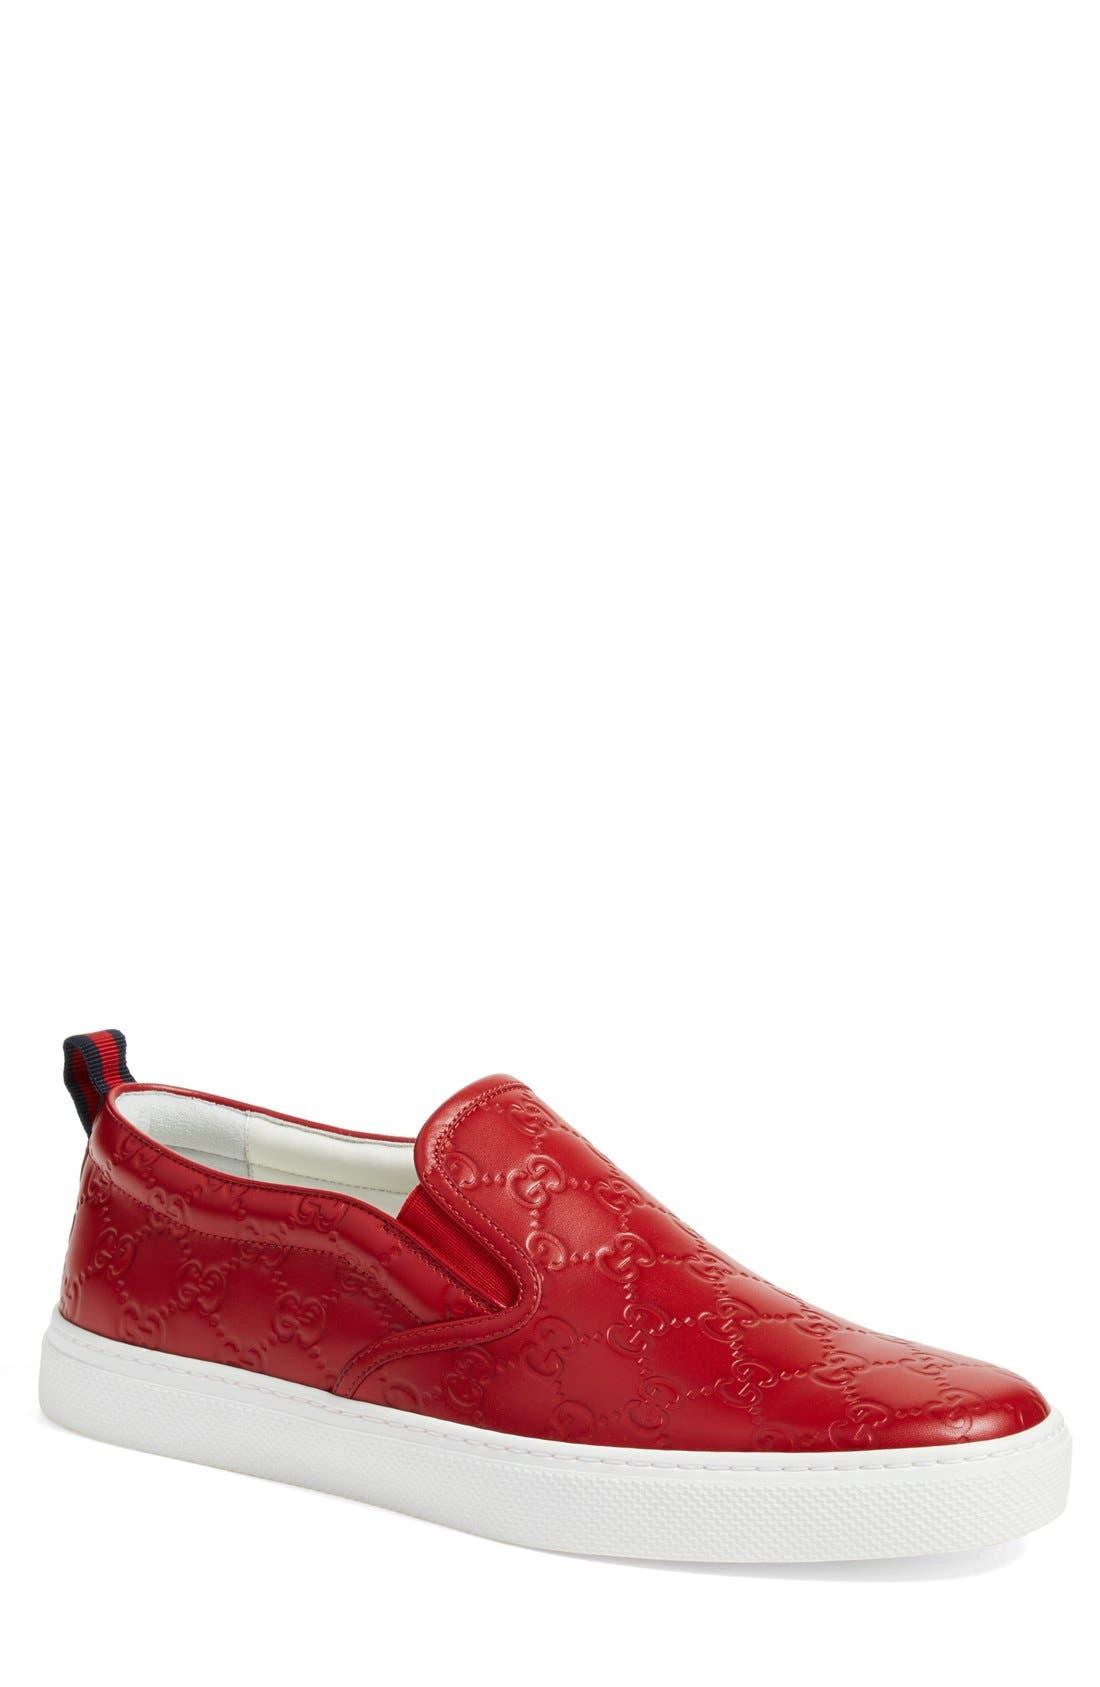 Dublin Slip-On Sneaker,                             Main thumbnail 15, color,